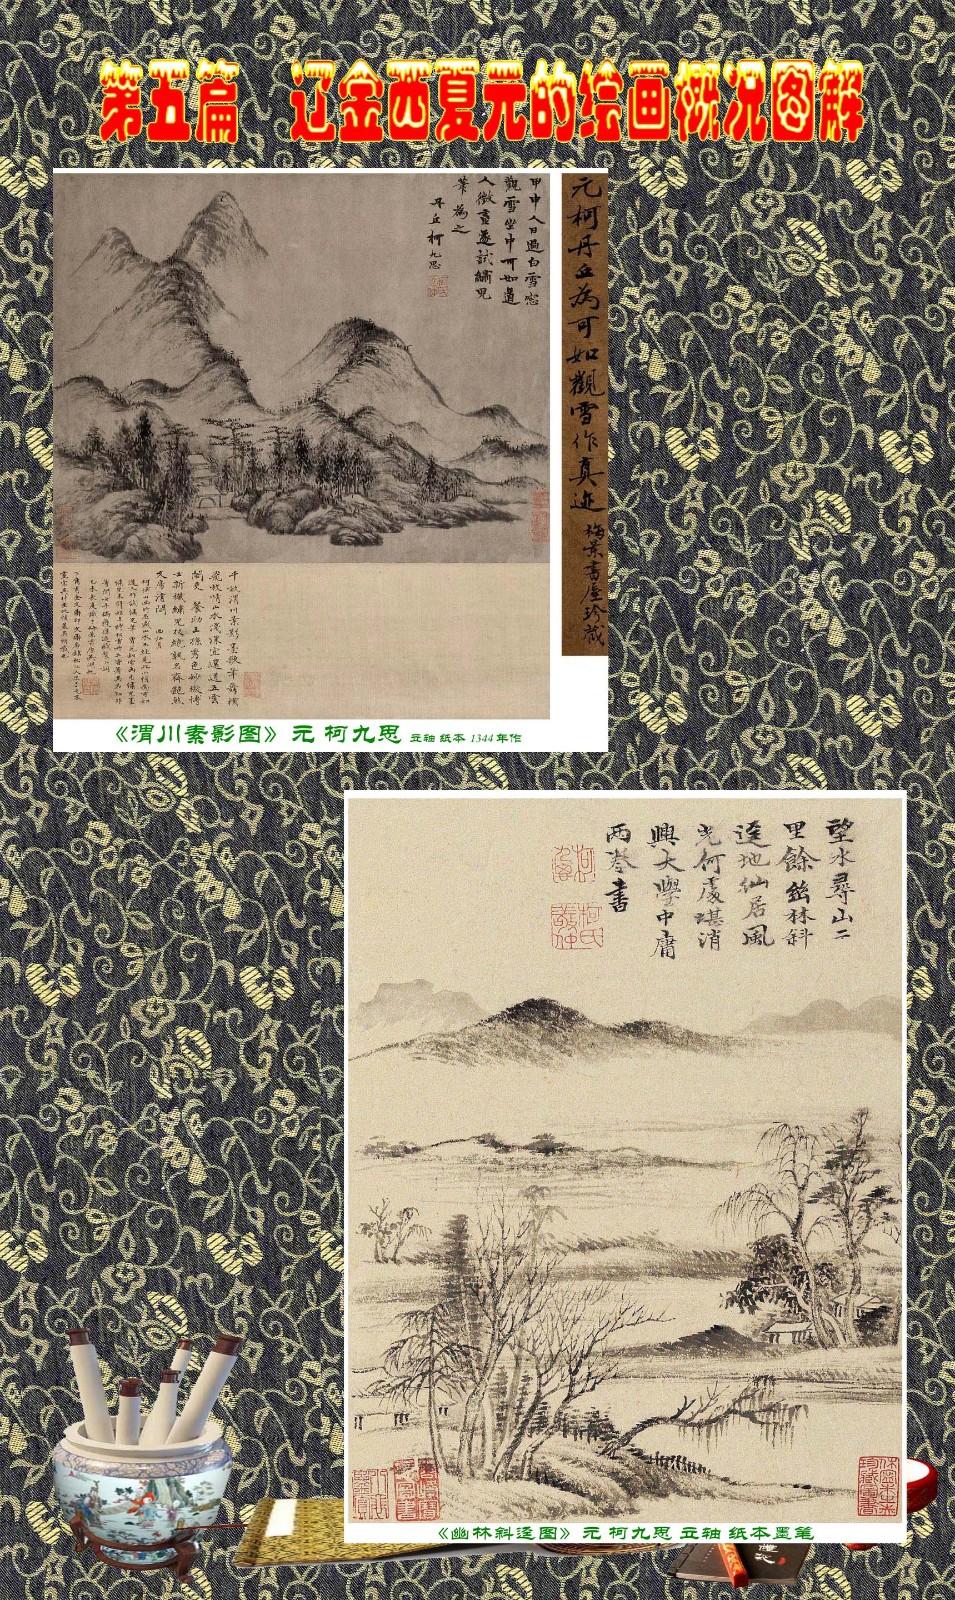 顾绍骅编辑 中国画知识普及版 第五篇 辽金西夏元的绘画概况 下 ... ..._图1-8